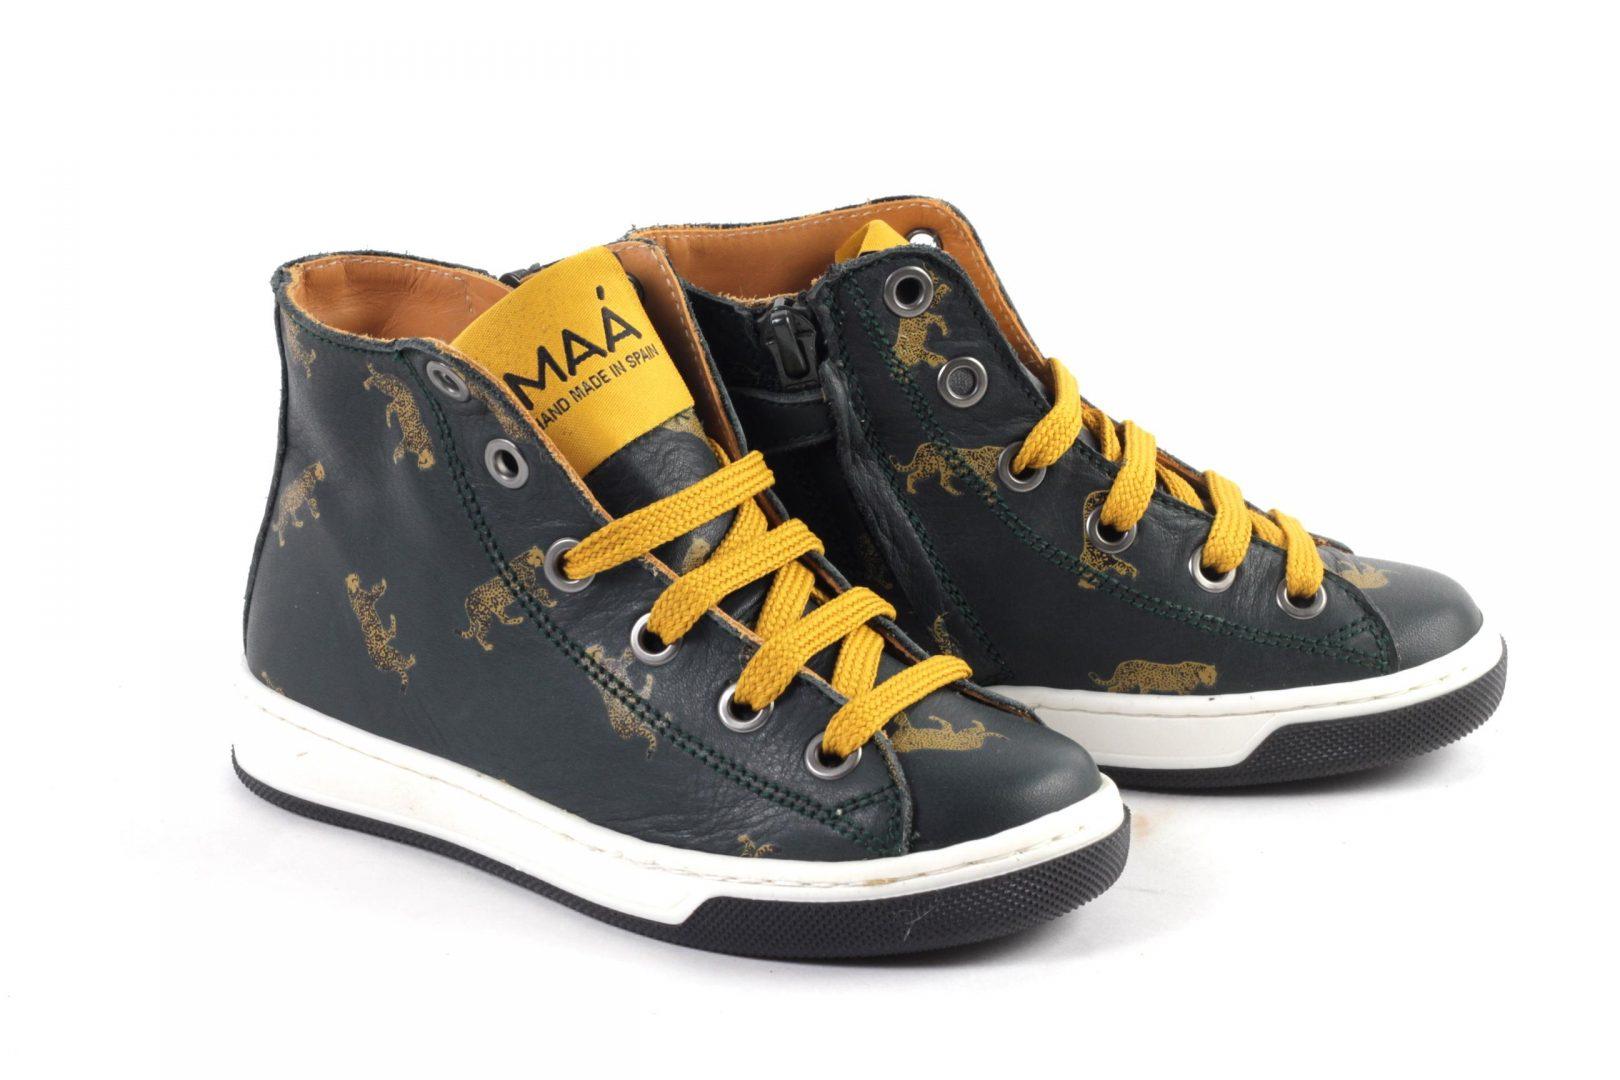 Maa Tijger1 - Schoenen online kopen